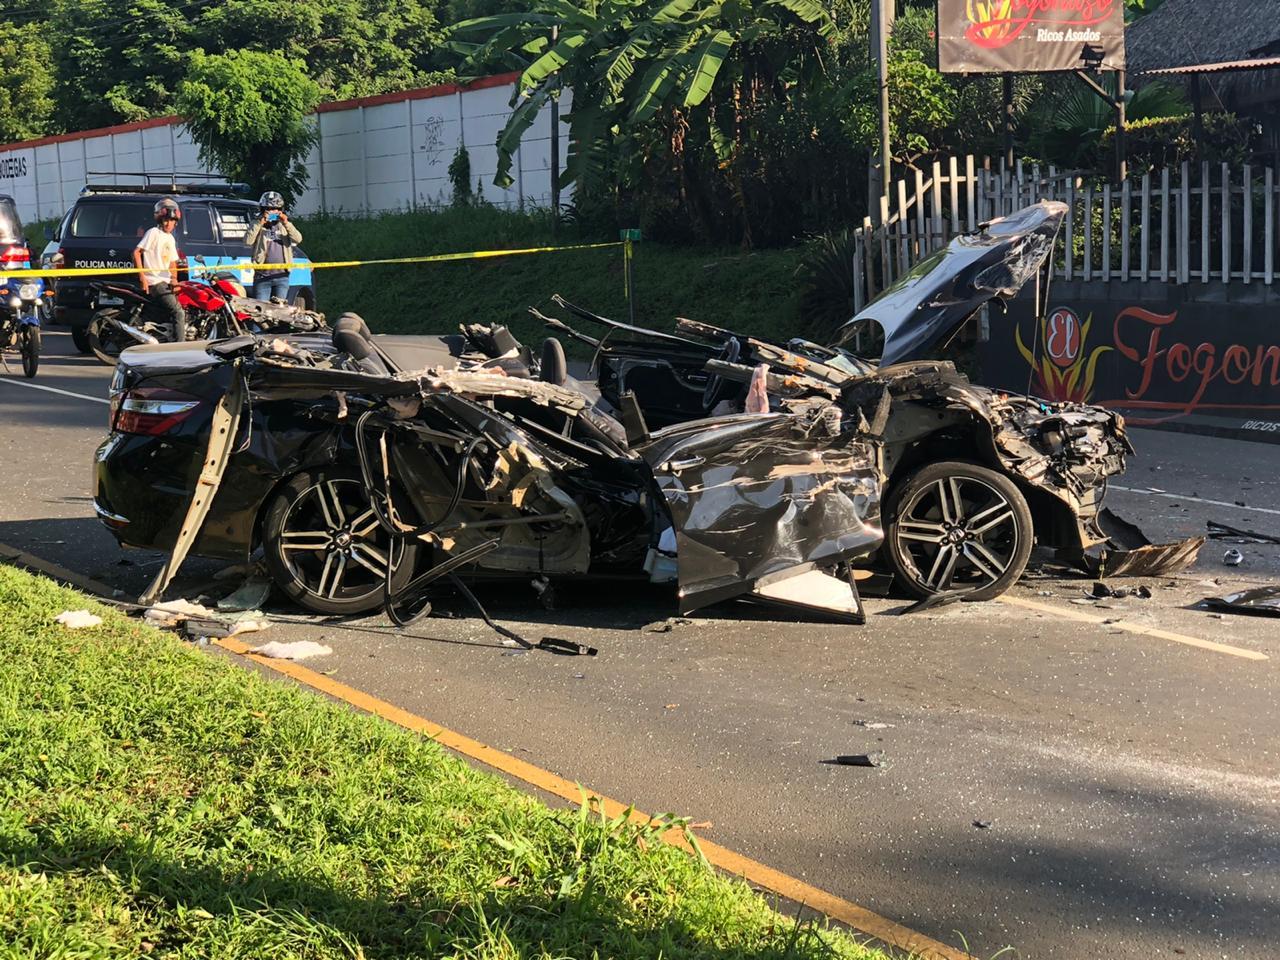 Salvadoreño fallece en brutal accidente en Managua Managua. Radio La Primerísima